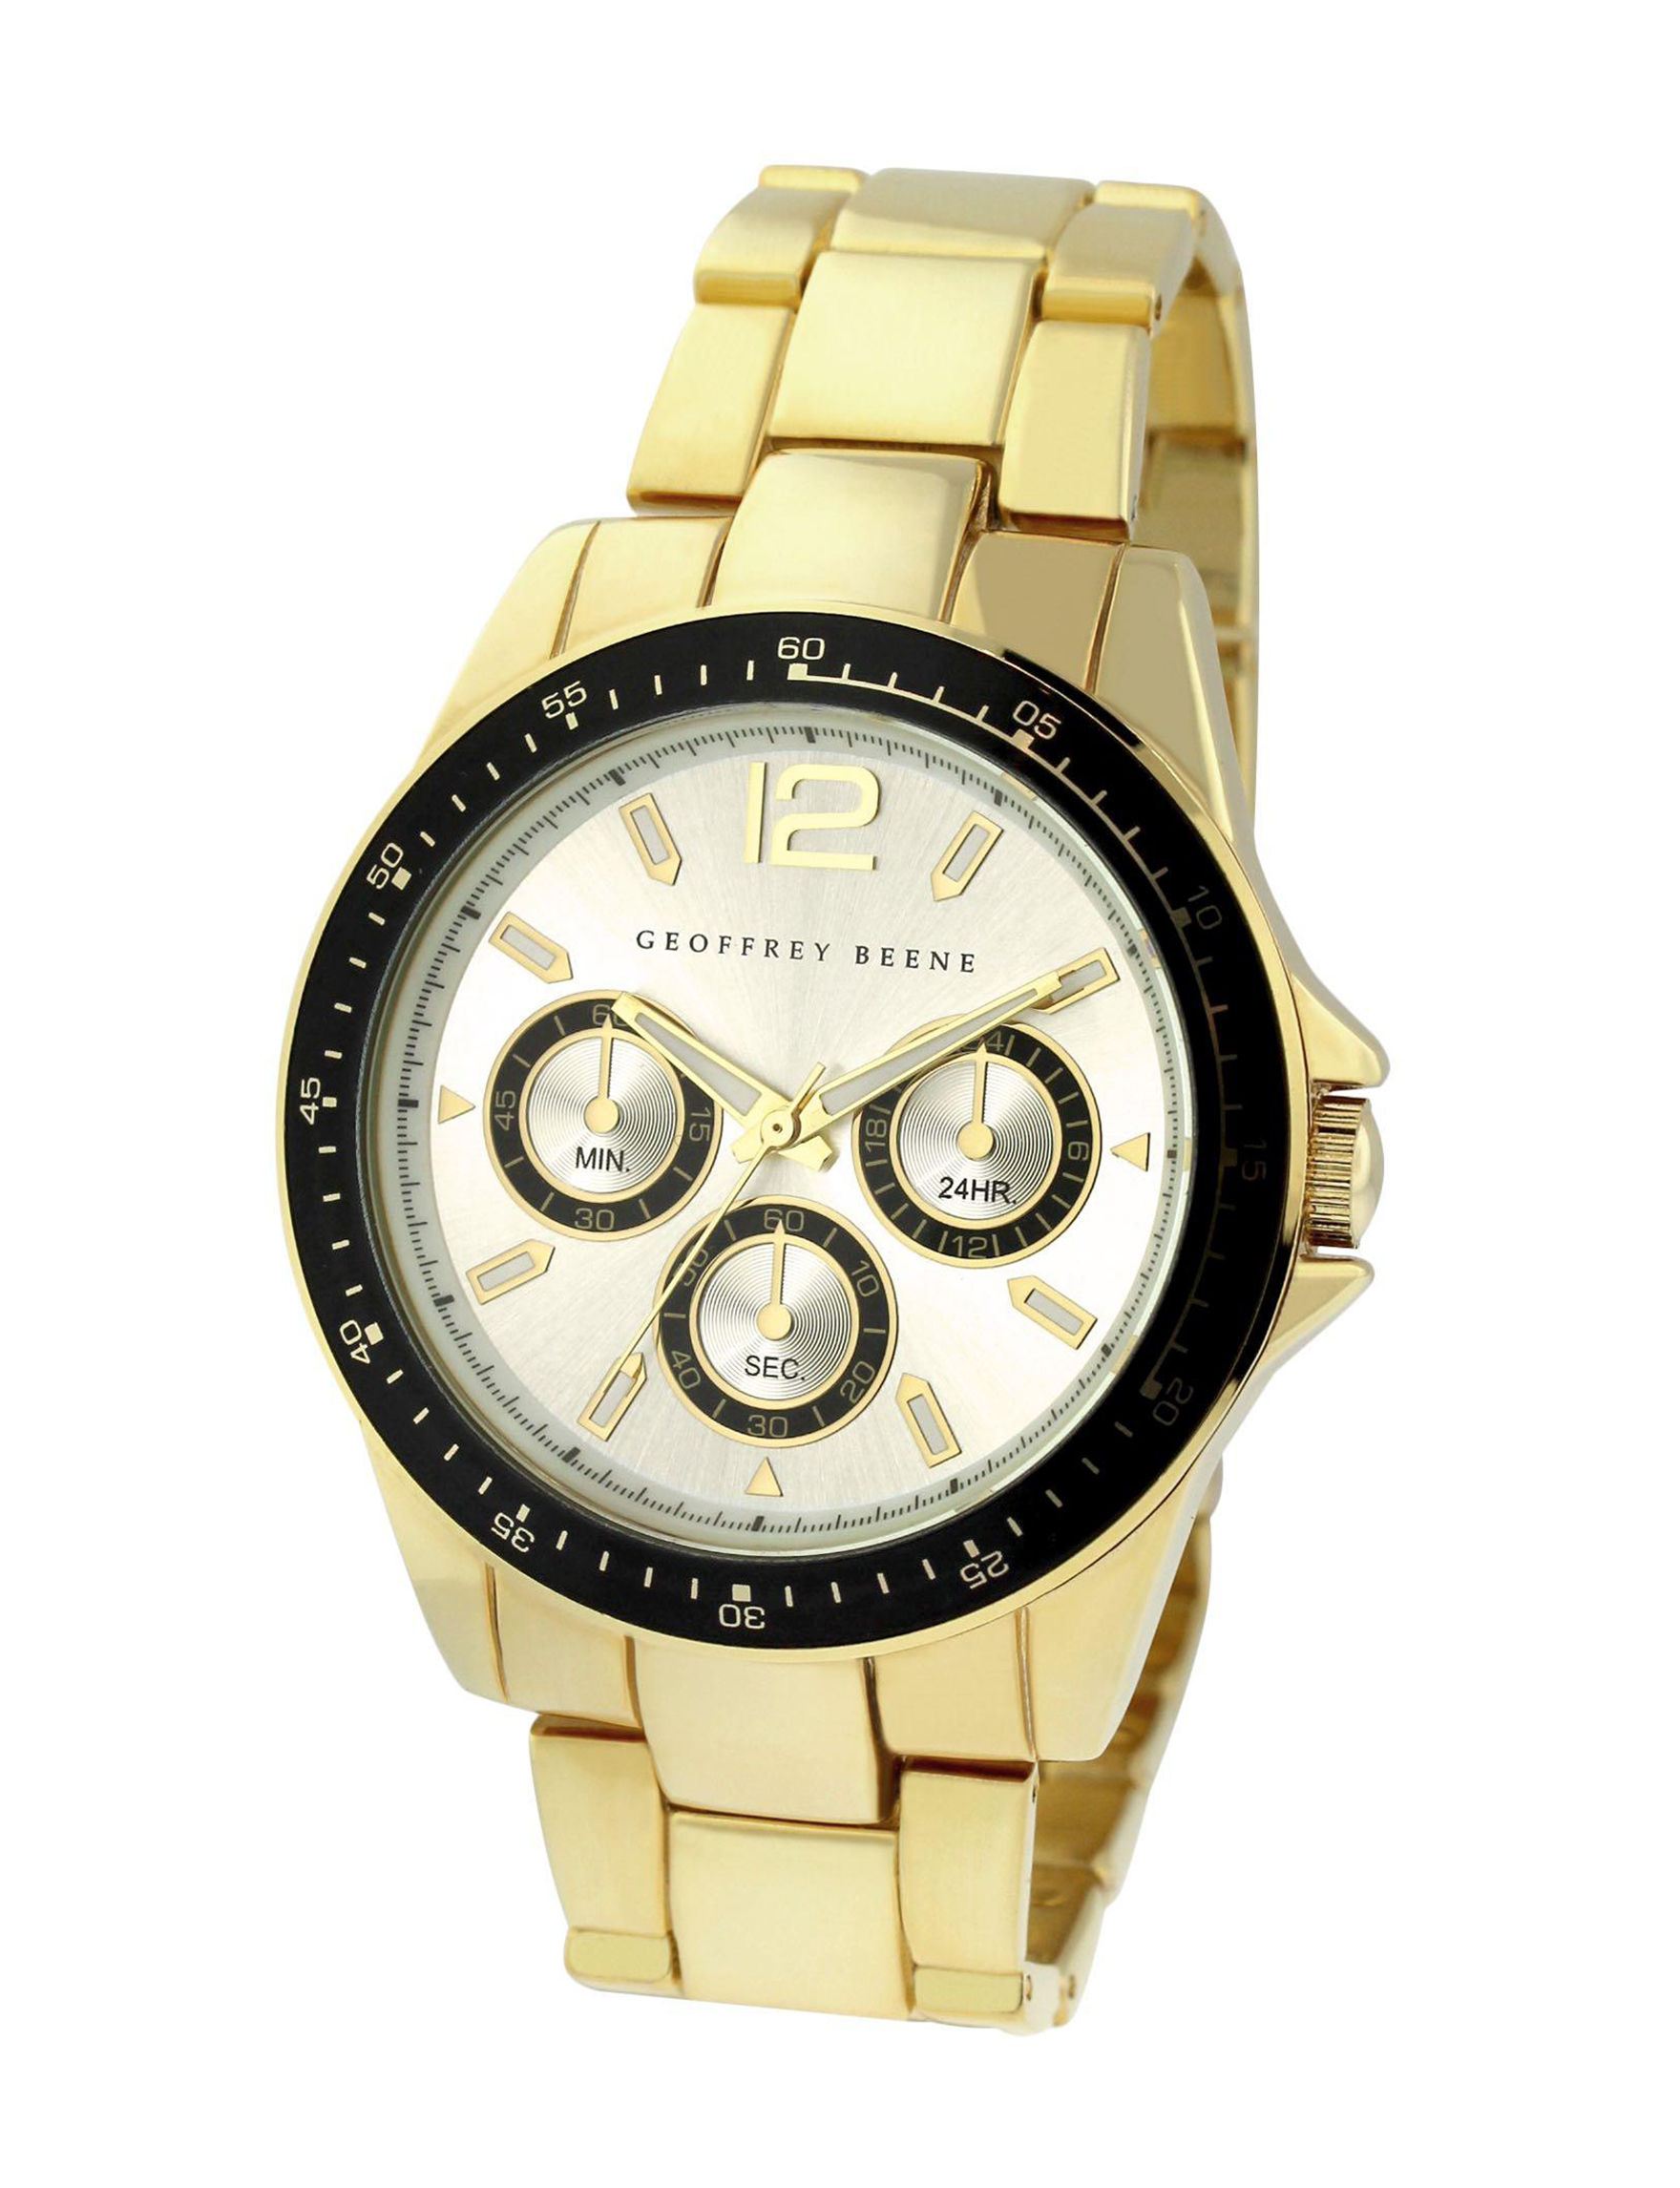 Geoffrey Beene Gold Fashion Watches